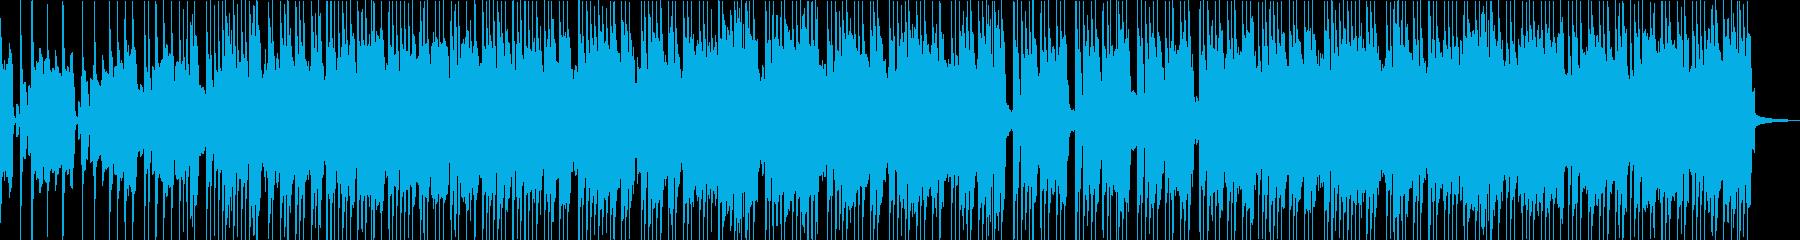 アップテンポサビなし定調なロックBGMの再生済みの波形